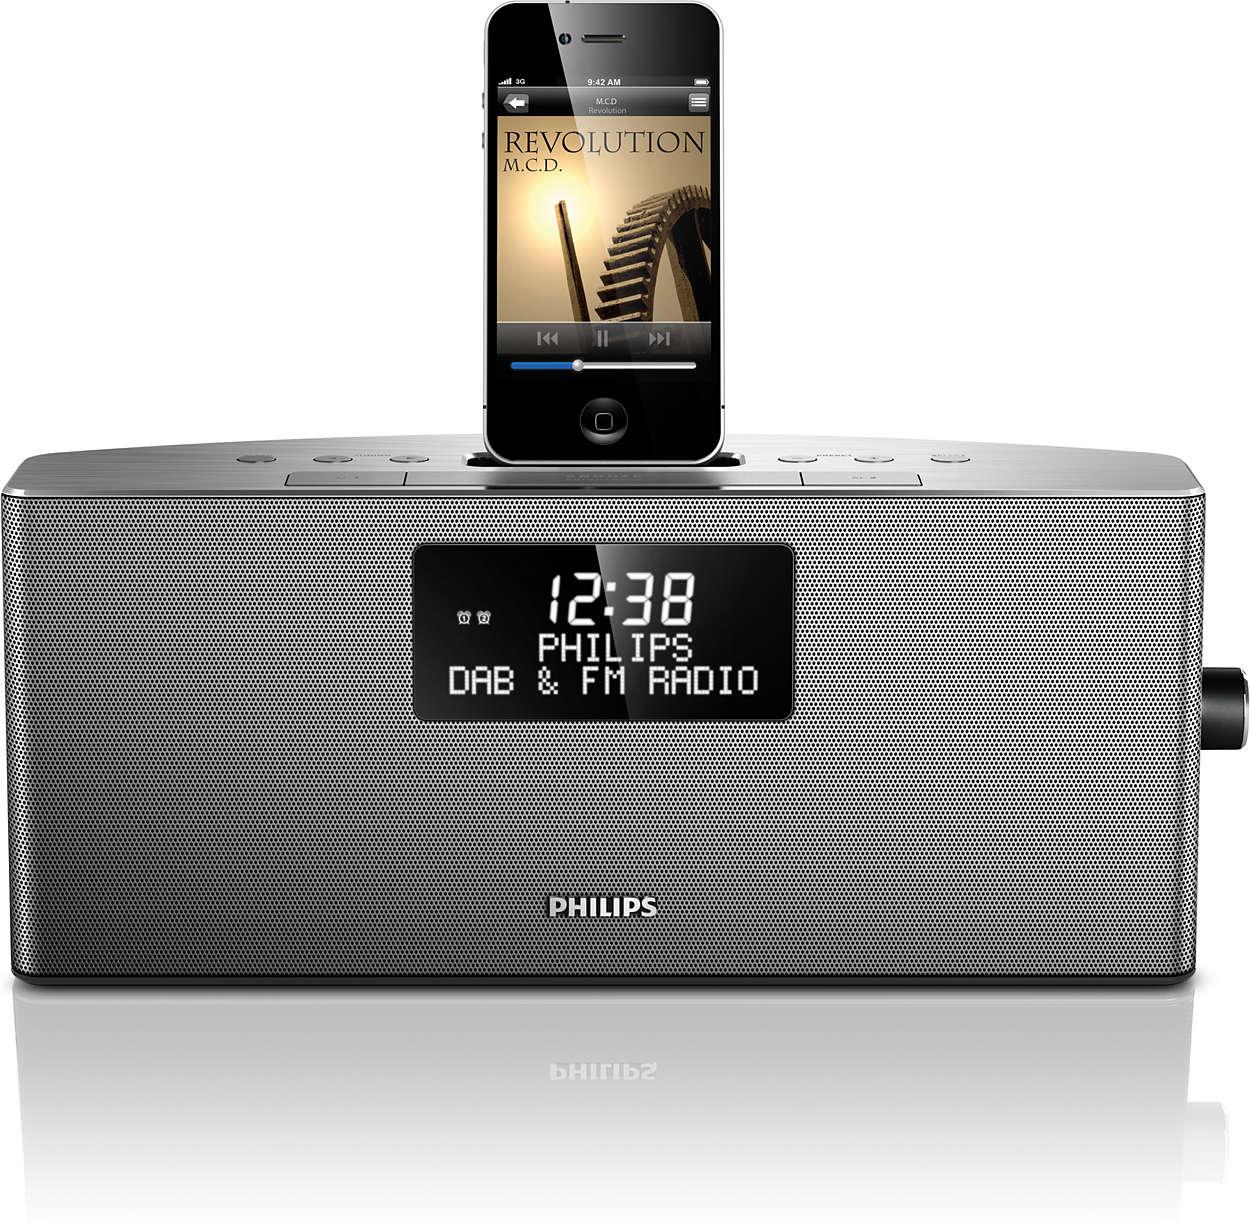 Слушайте музыку с iPod/iPhone и радио DAB+